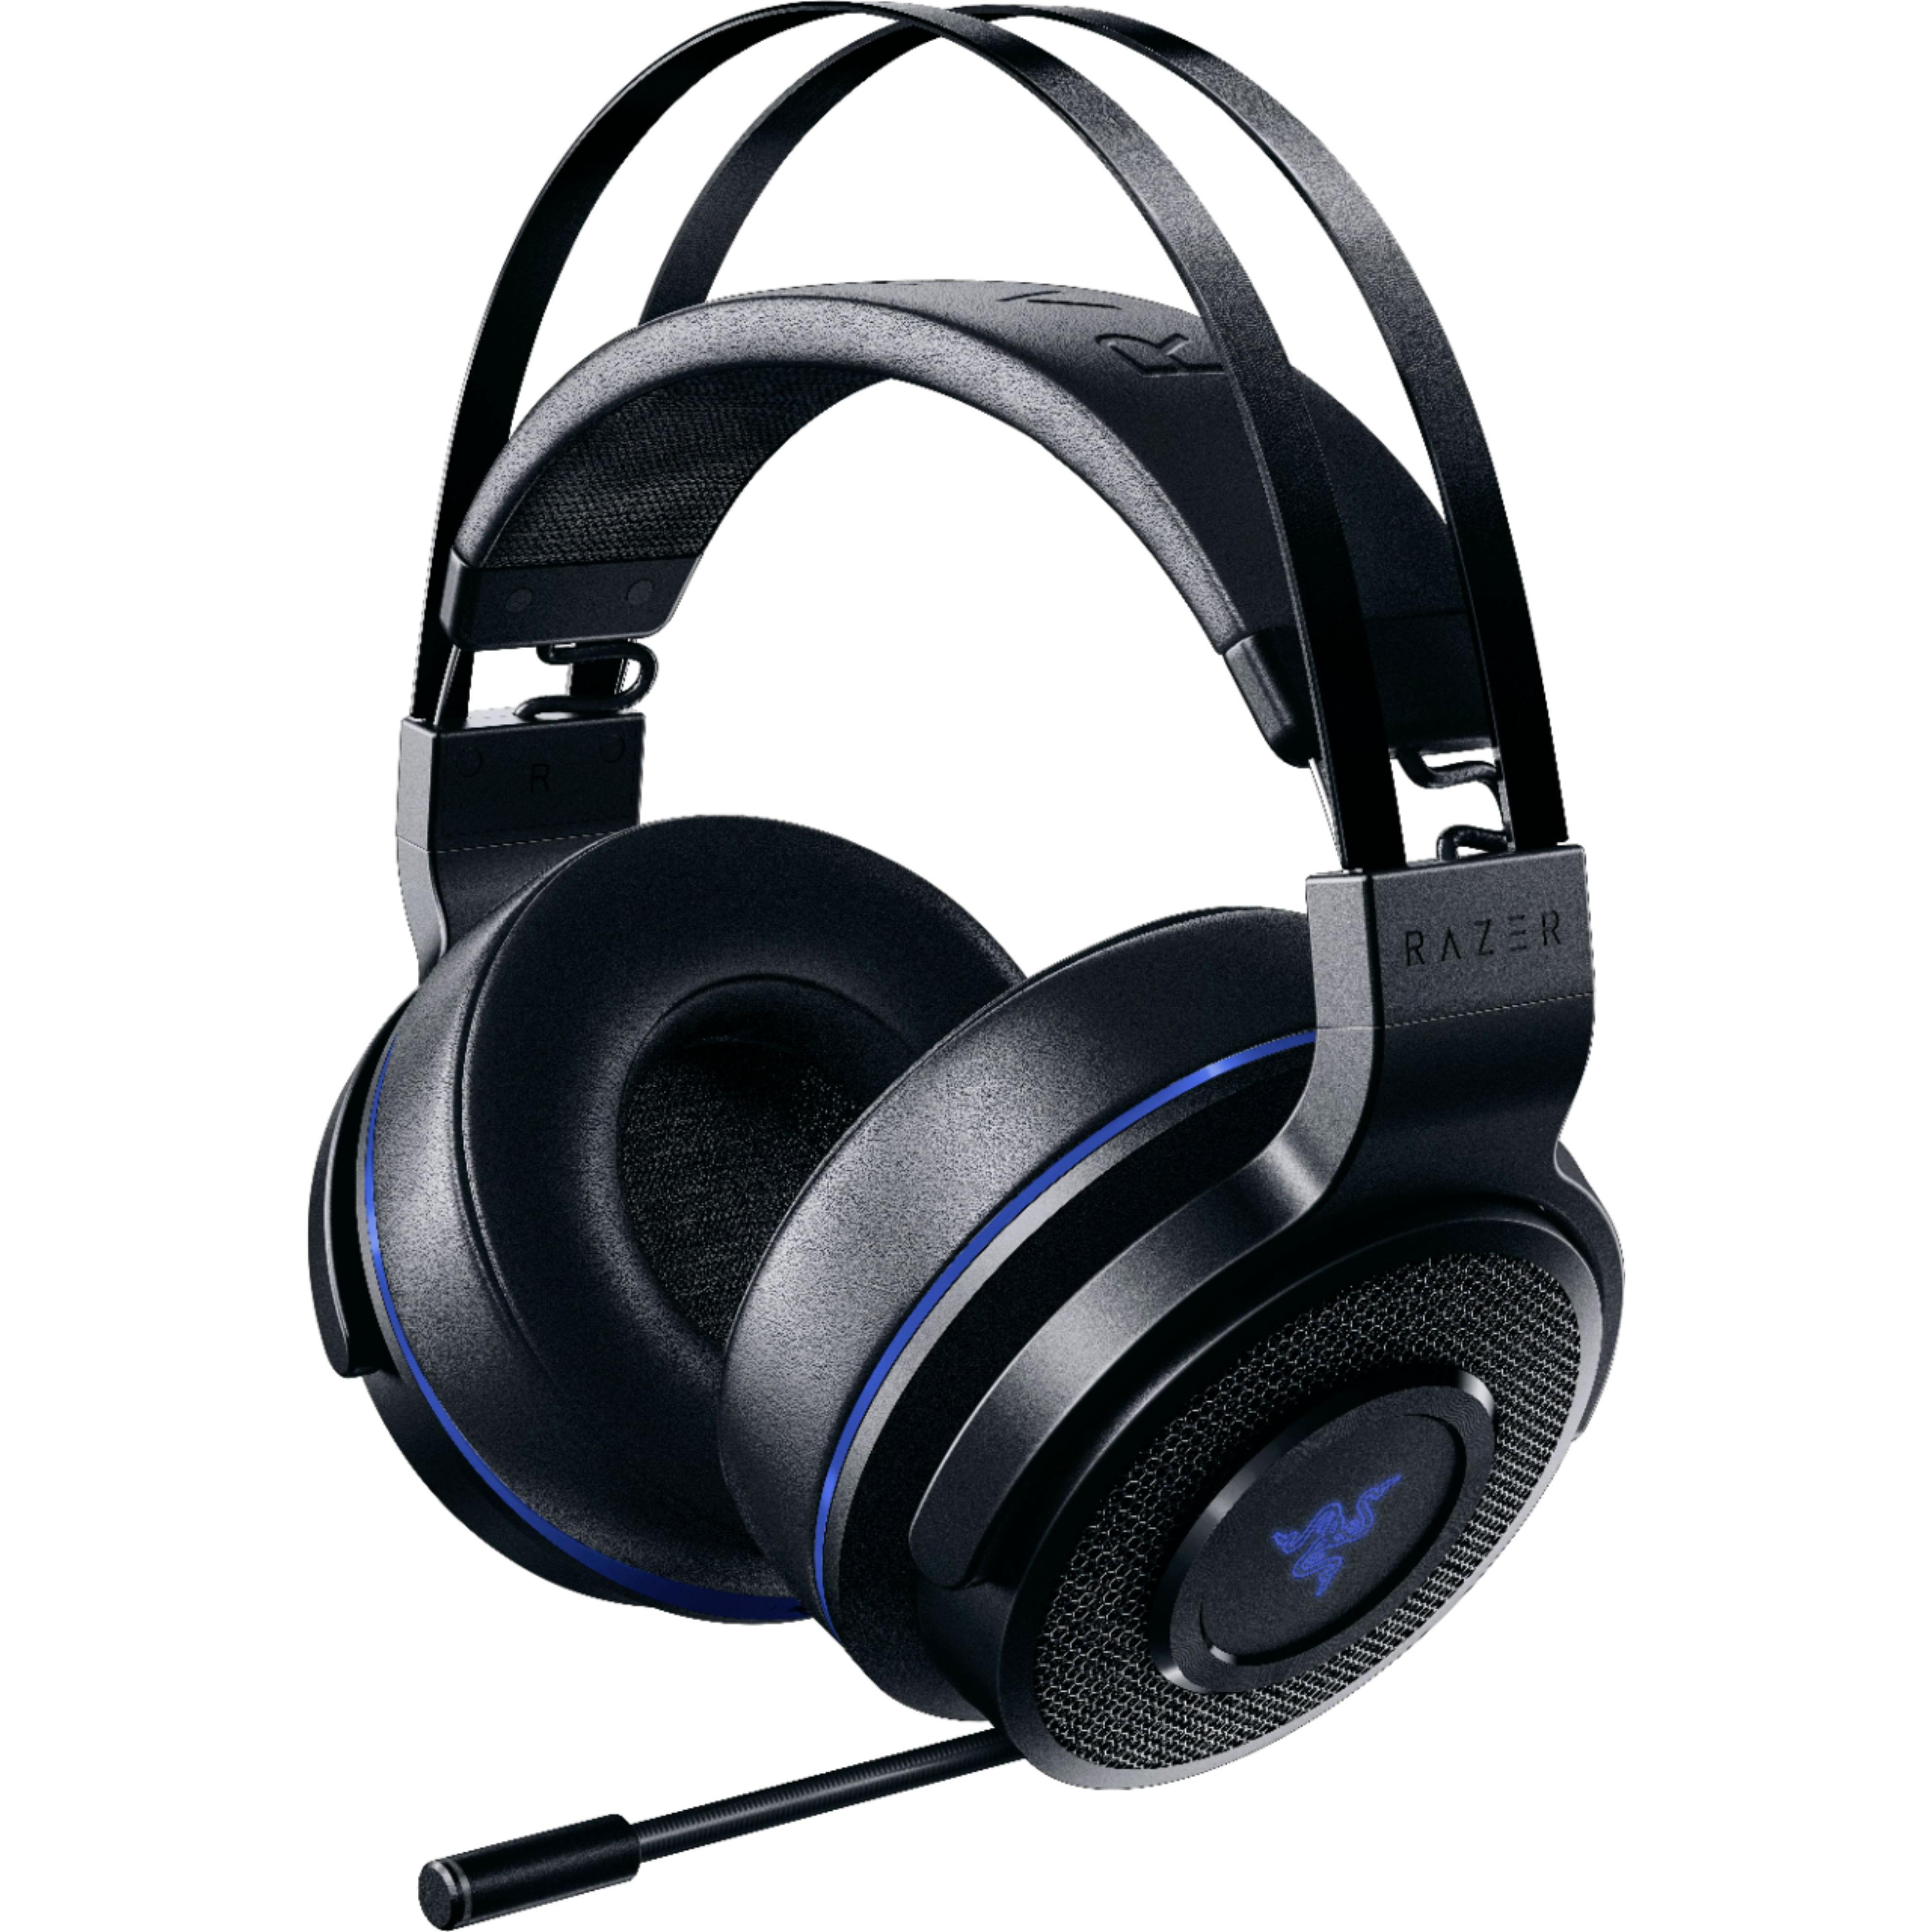 Kopfhörer Rauschunterdrückung Gaming mit Mikrophon Razer Thresher Ultimate - Schwarz/Blau